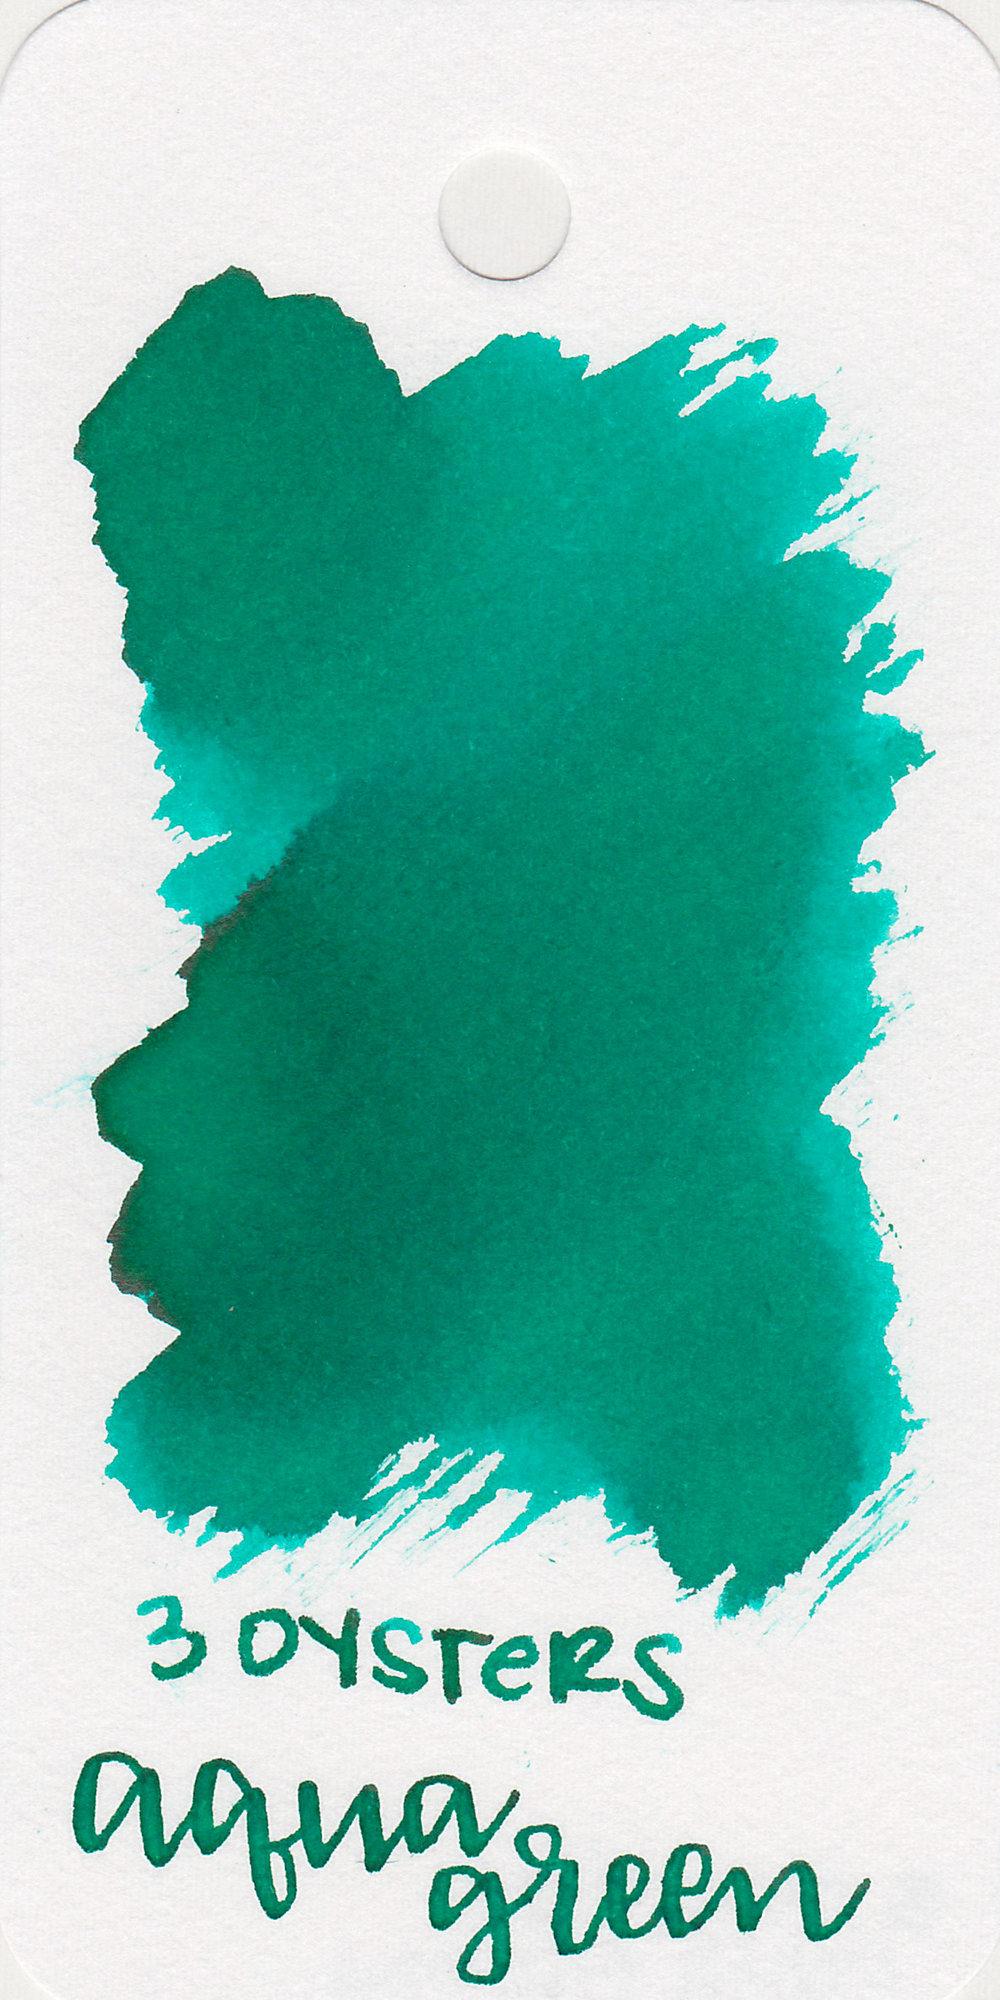 The color: - Aqua Green is a vibrant teal green.